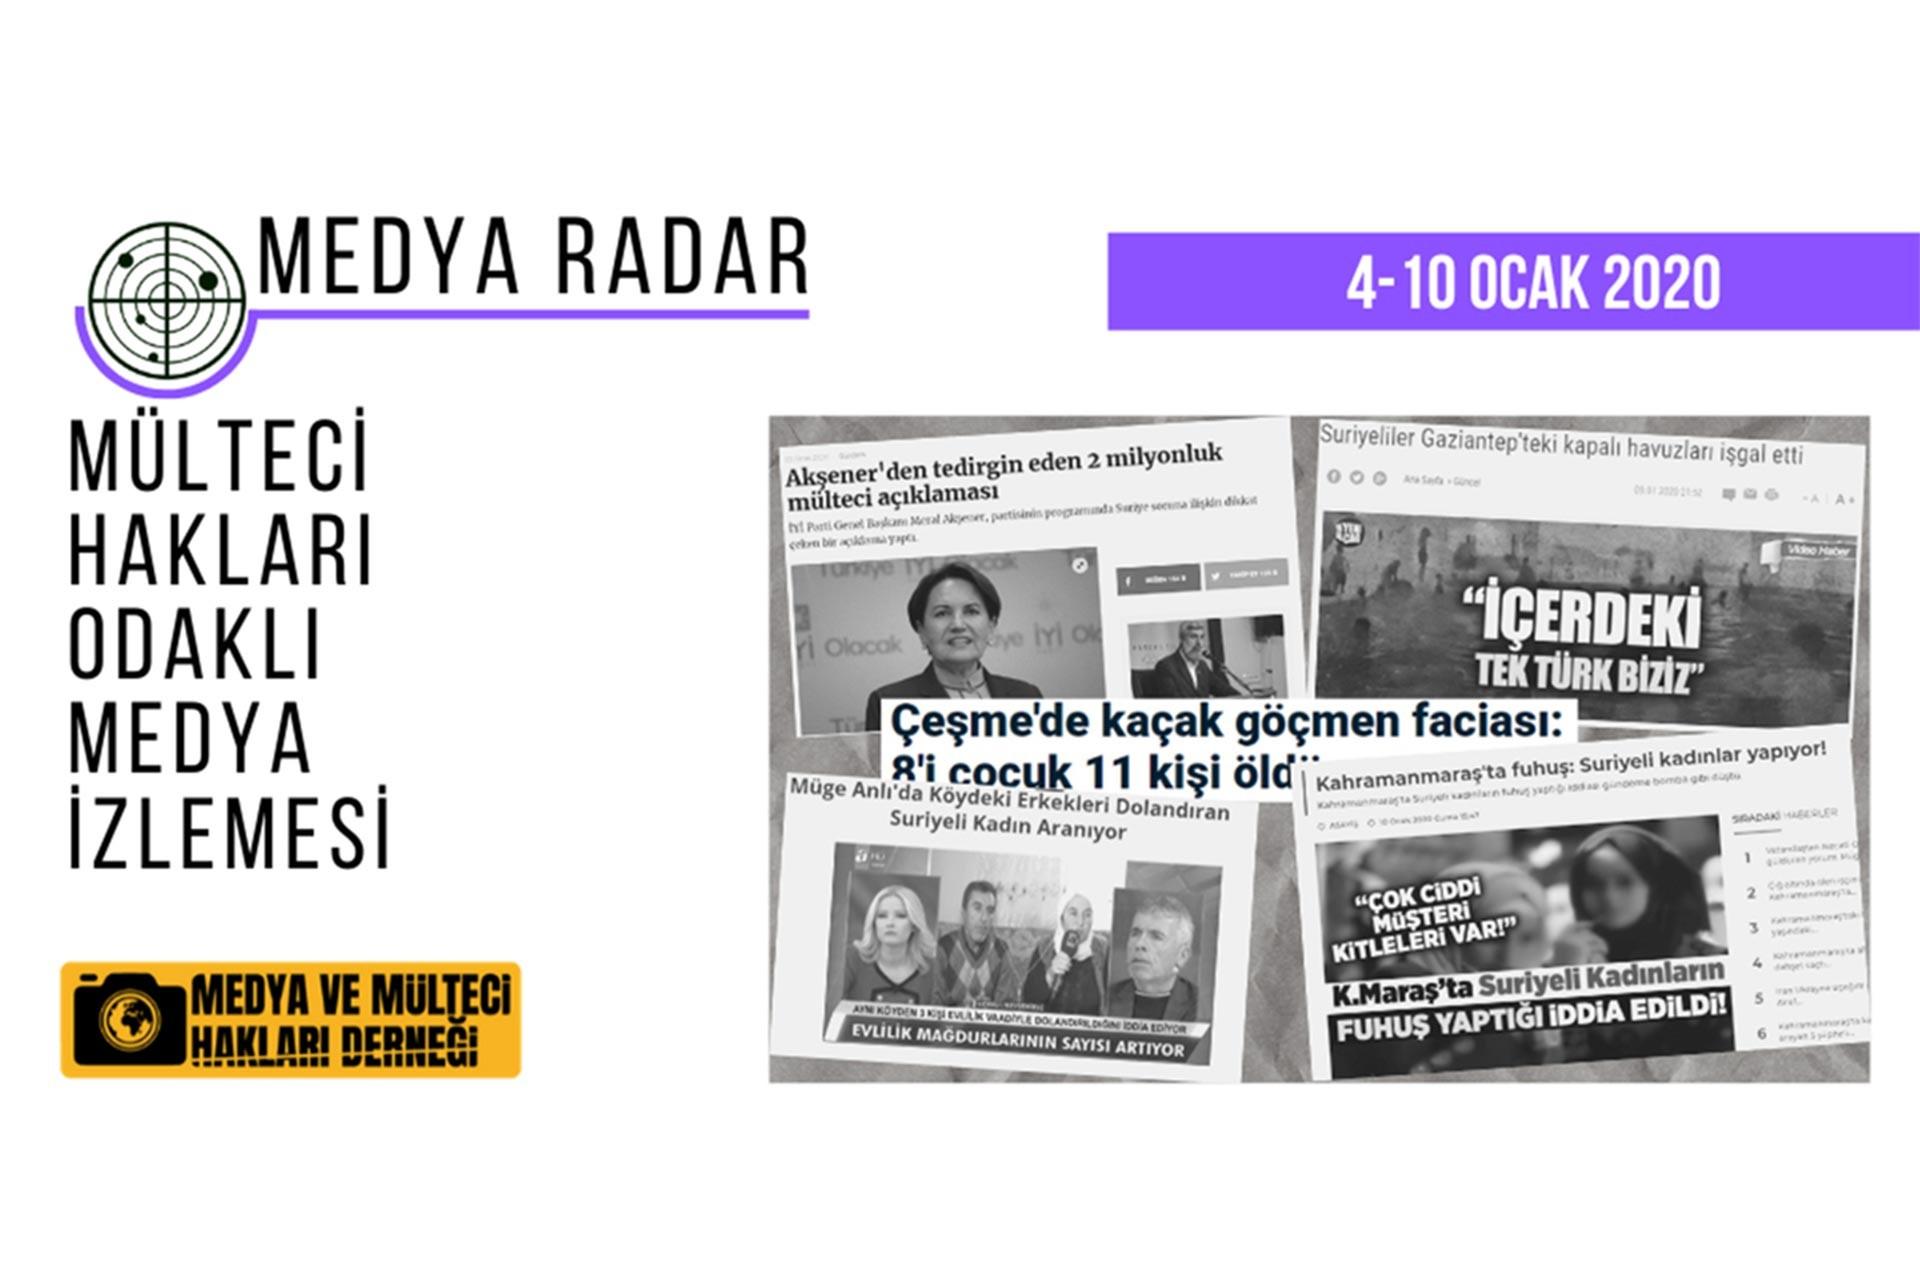 Haftalık mülteci hakları odaklı medya izlemesi çalışması Medya Radar'ın 4-10 Ocak haftası panoraması yayımlandı